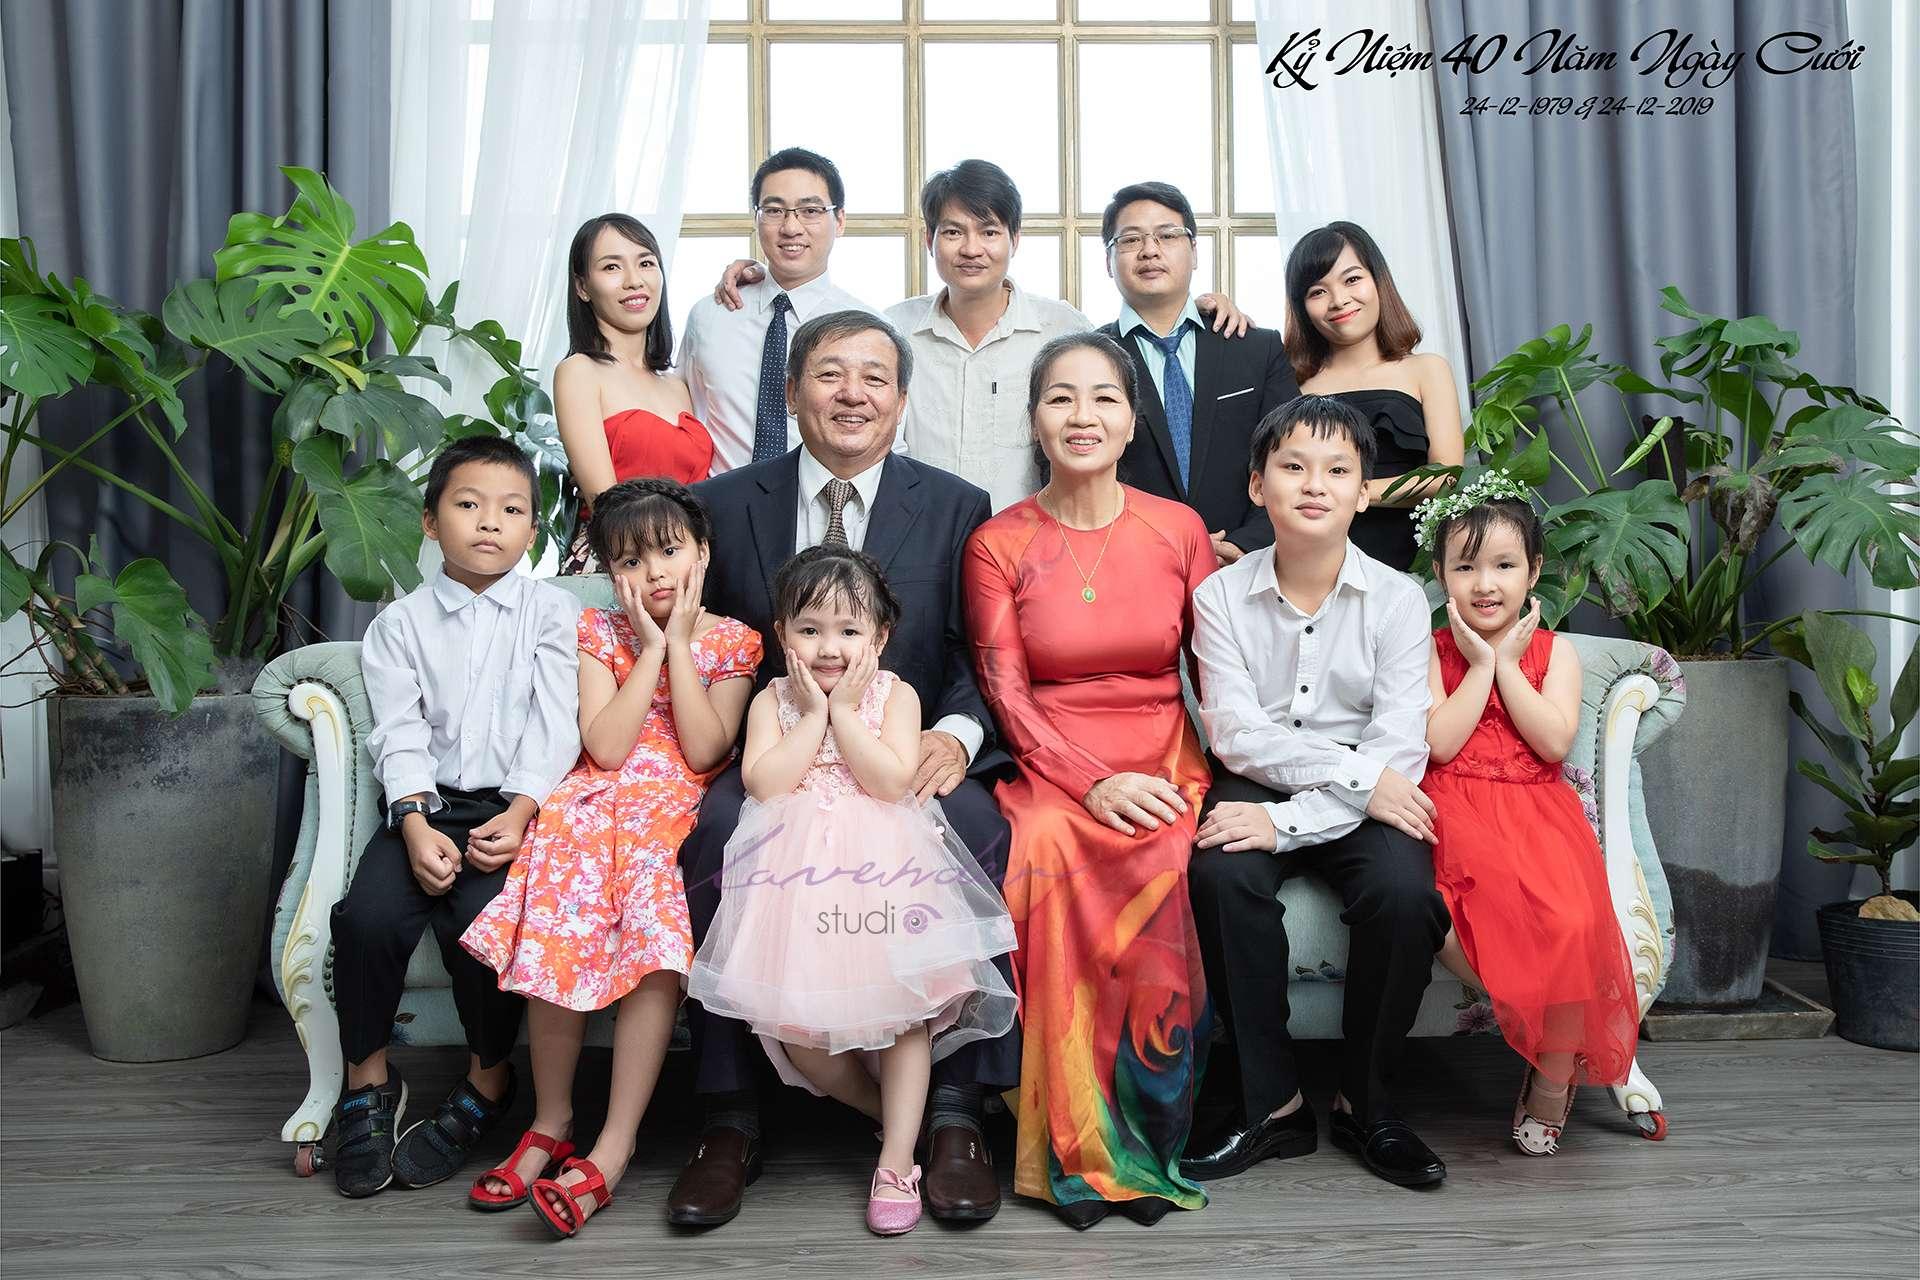 studio chụp hình đại gia đình đẹp ở Hồ chí minh